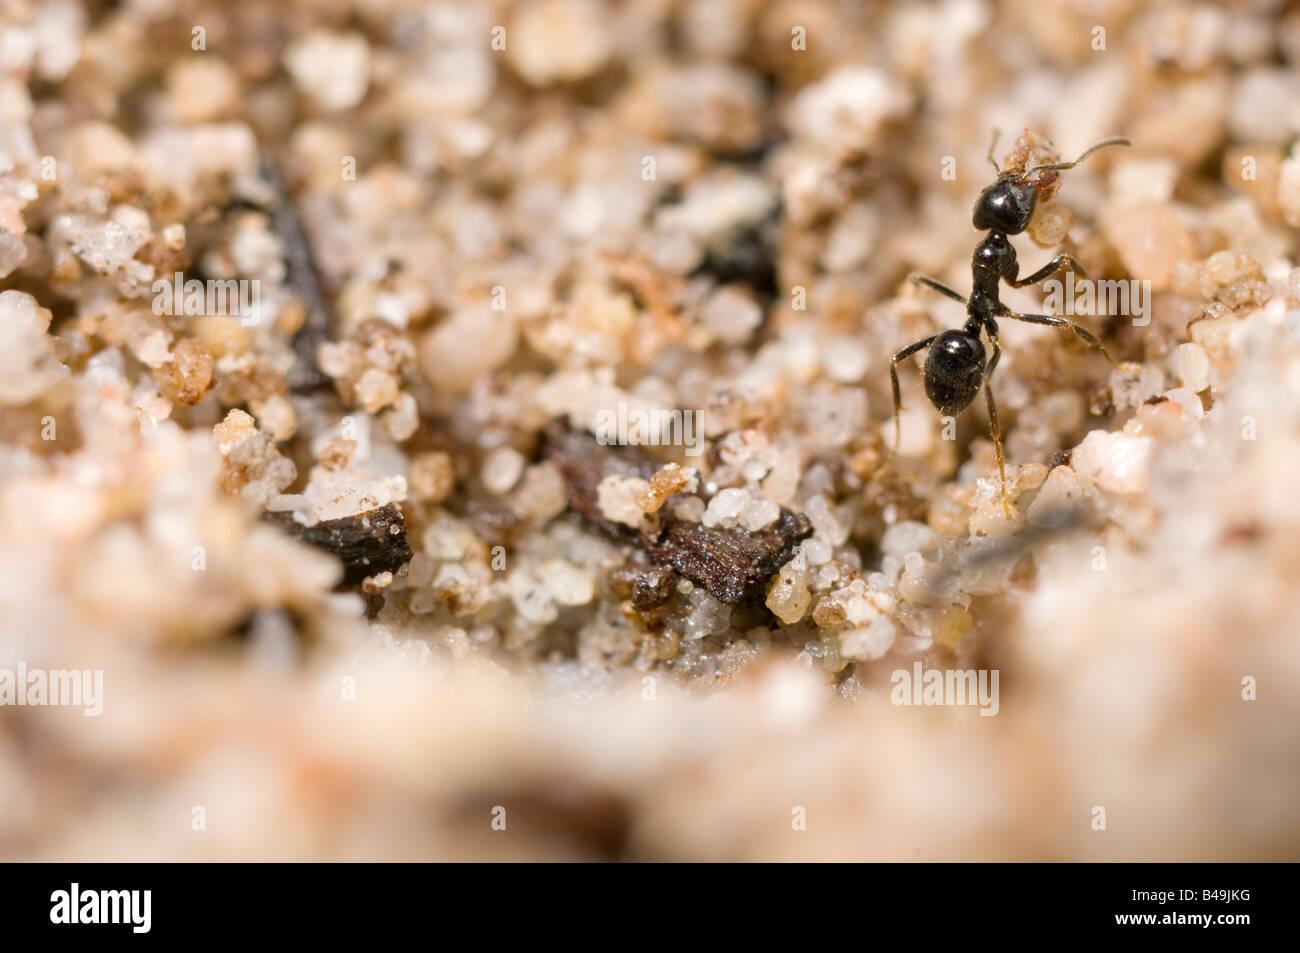 Petit immeuble ant nest grain par grain Photo Stock